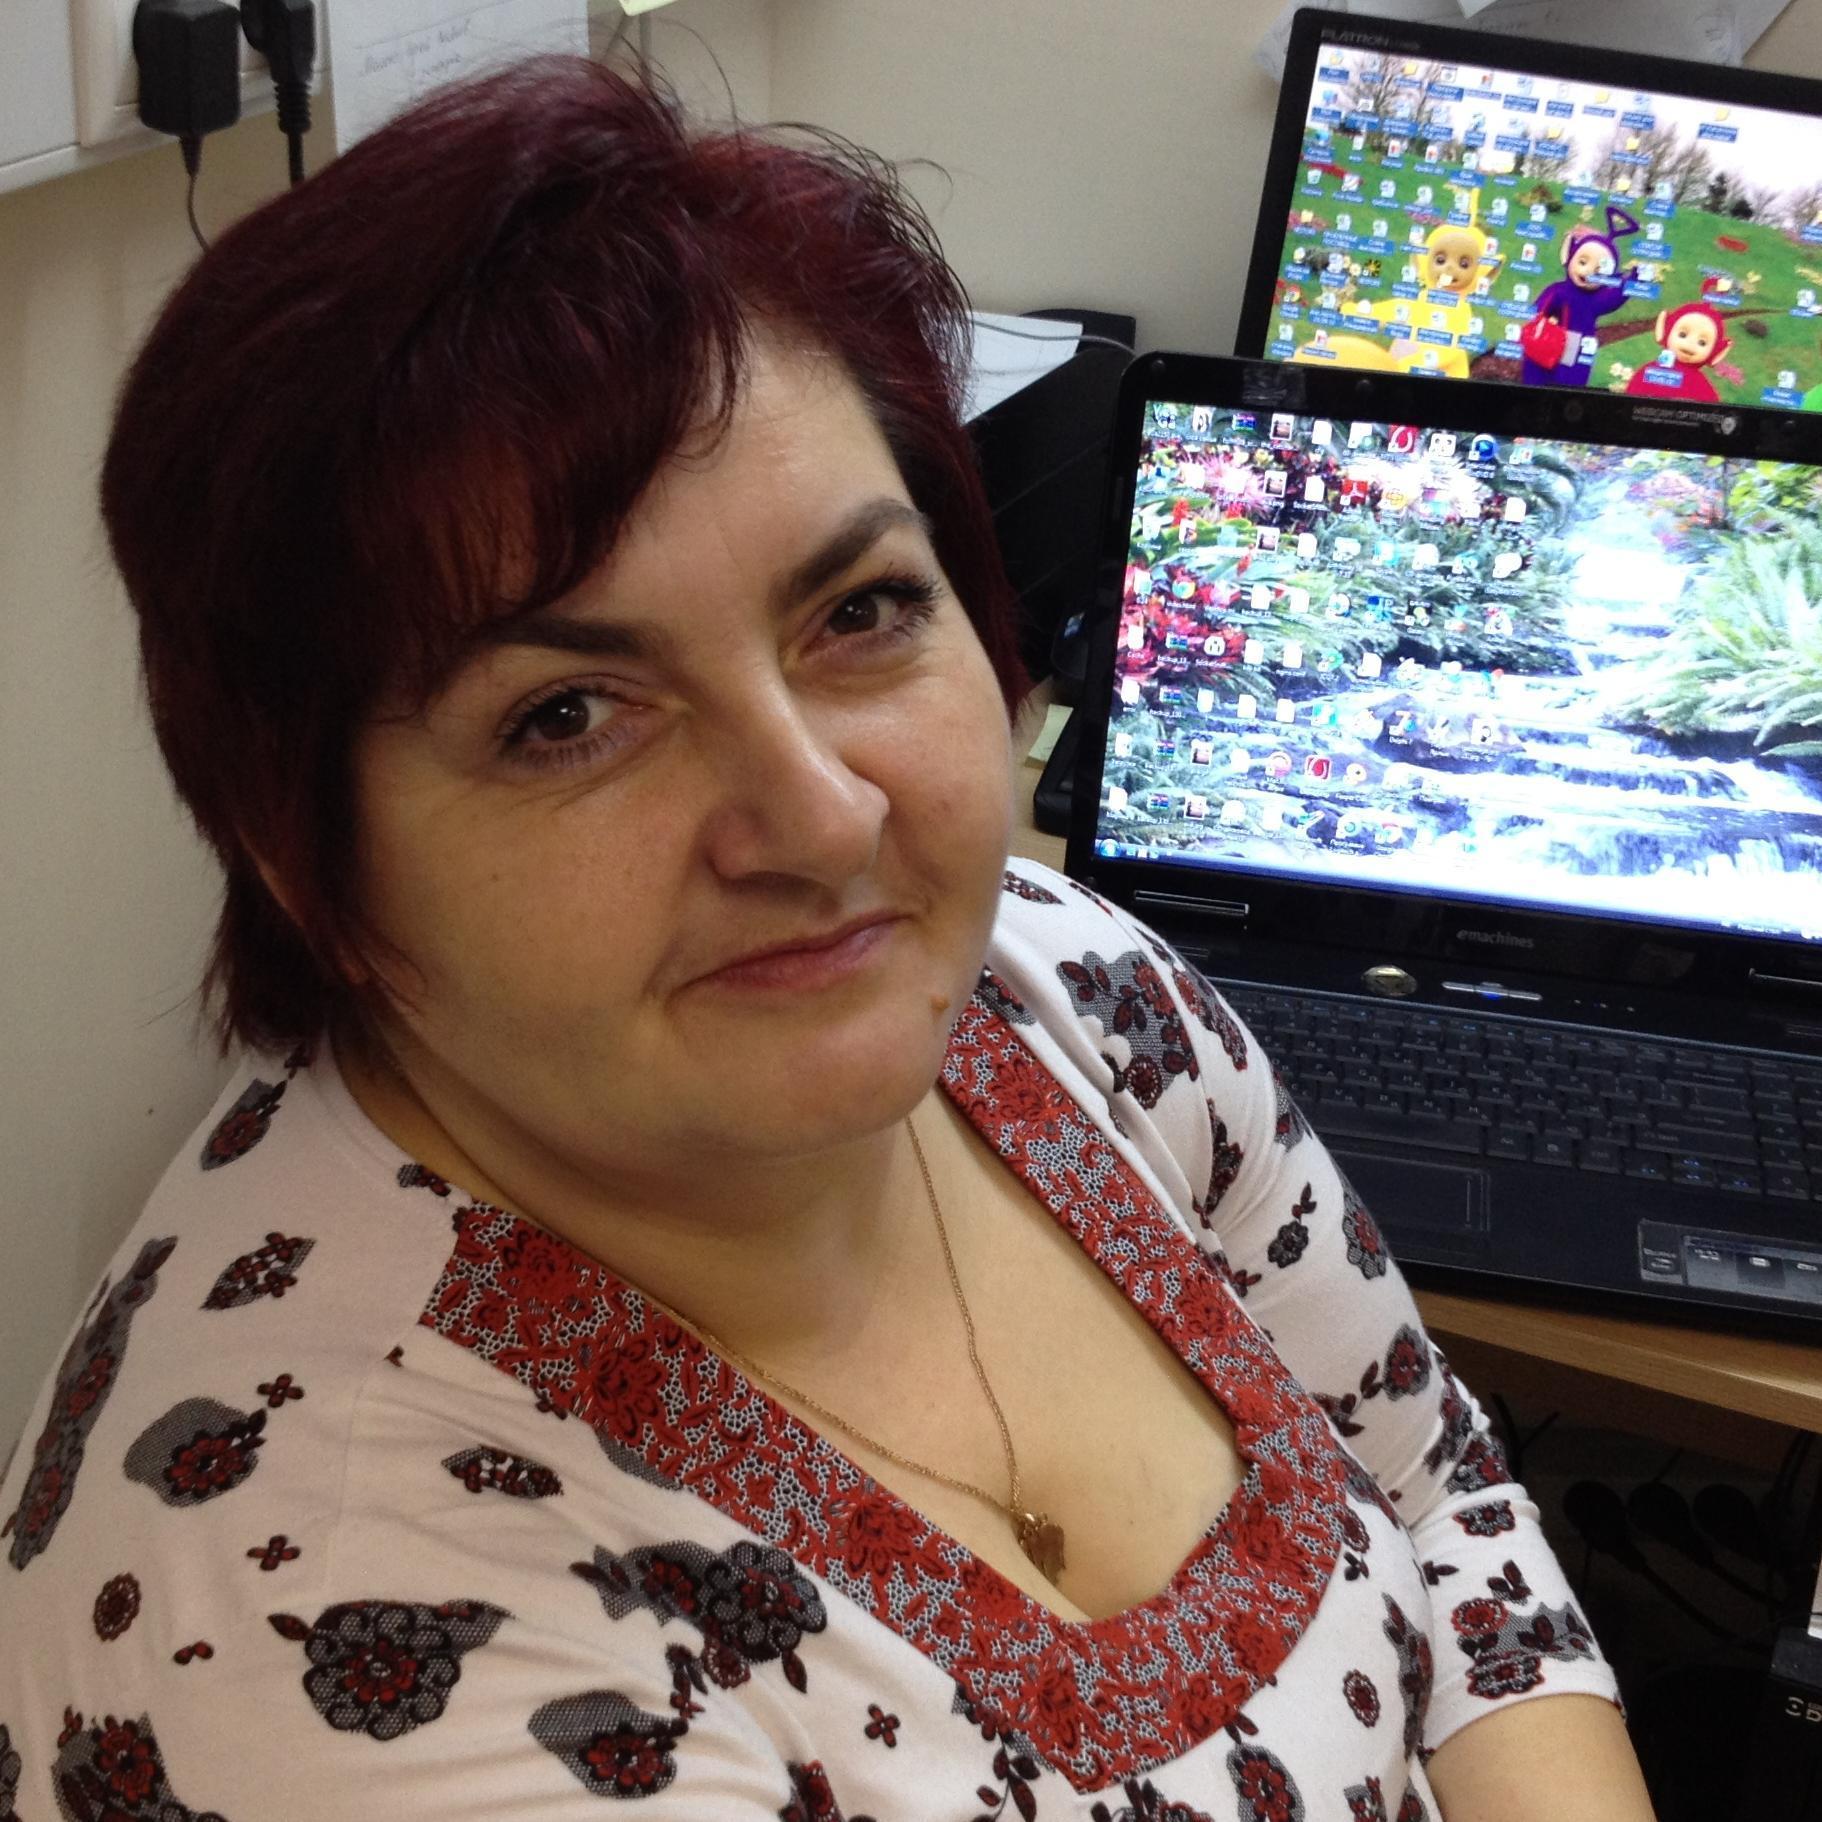 Марина берёзина веб девушка модель рунетка